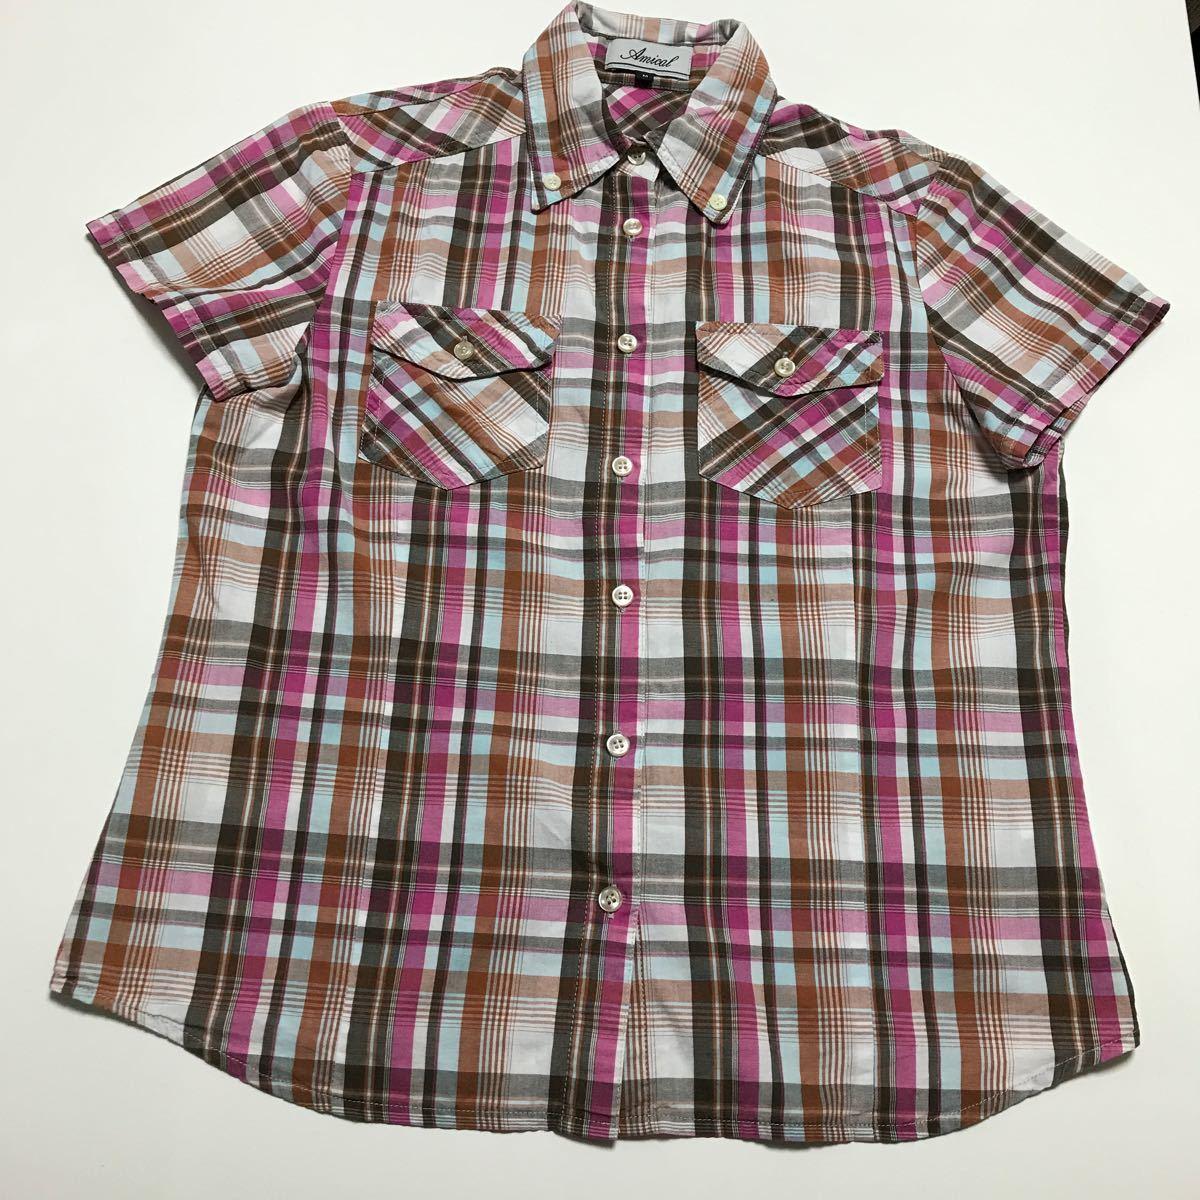 ピンク×茶系チェック柄綿100%半袖シャツです。